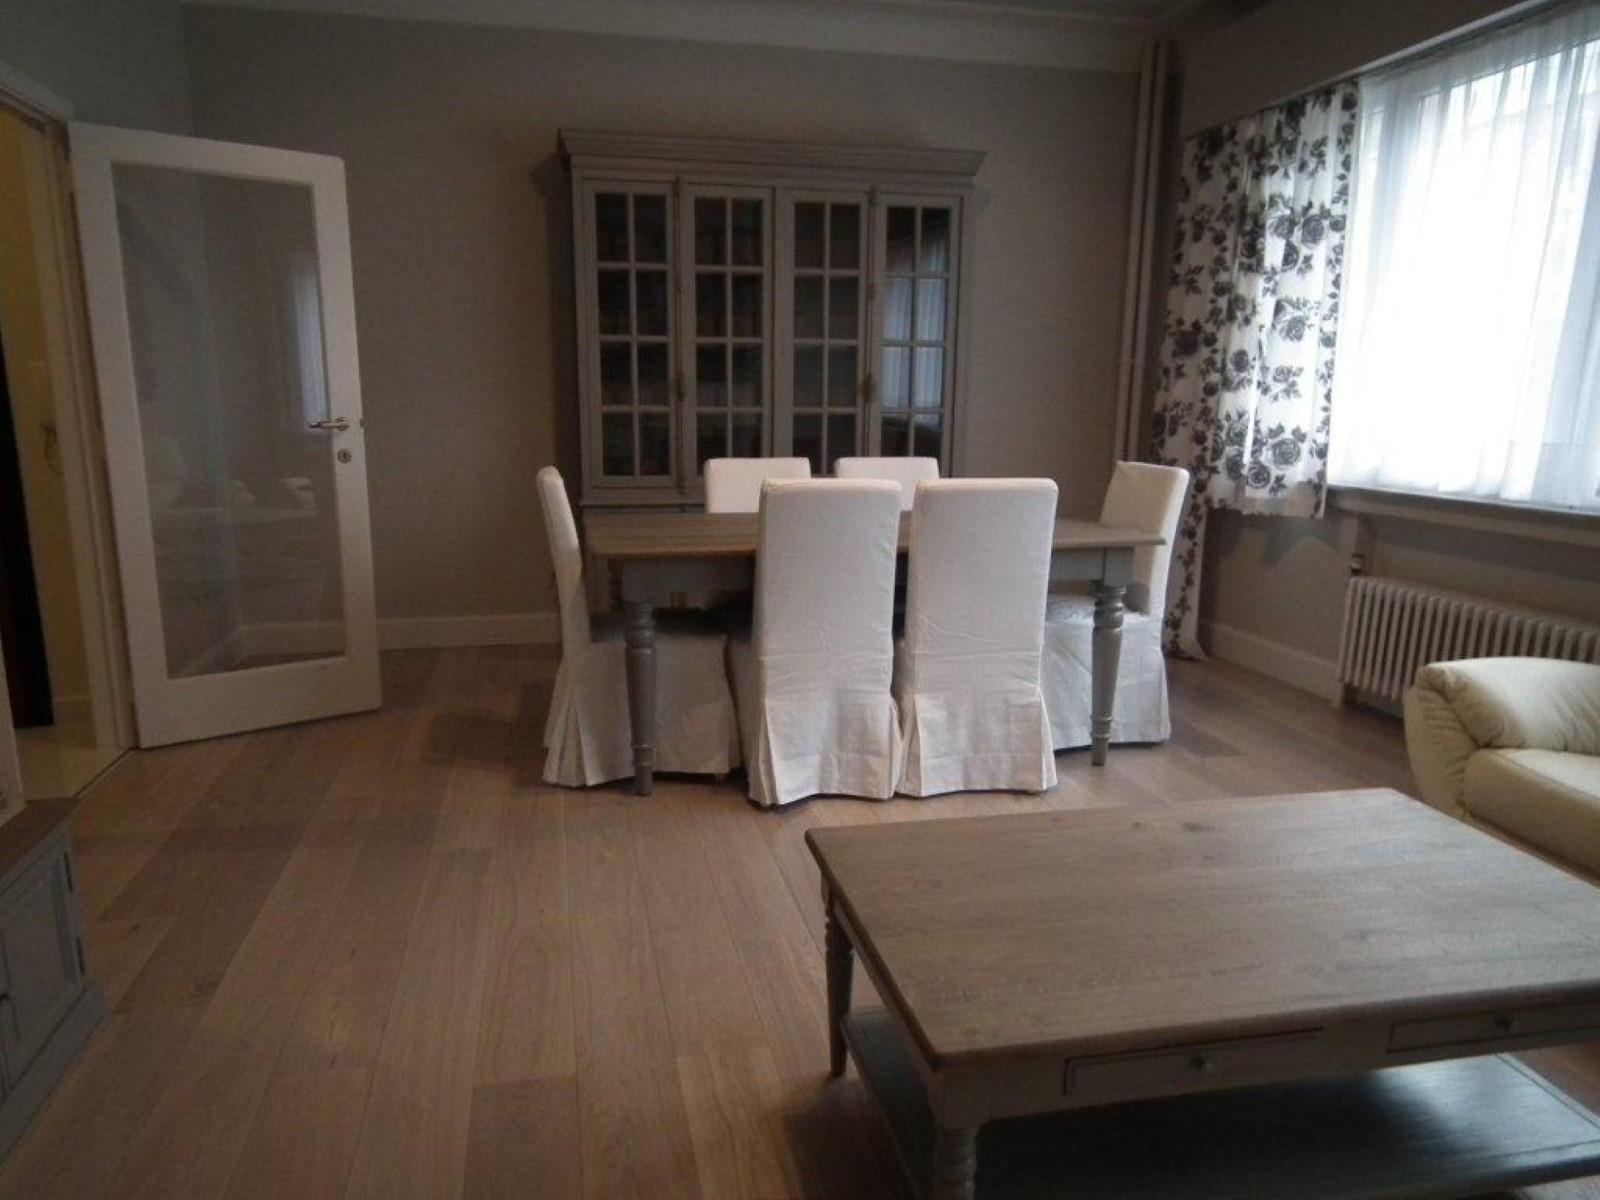 Flat - Ixelles - #3551867-2